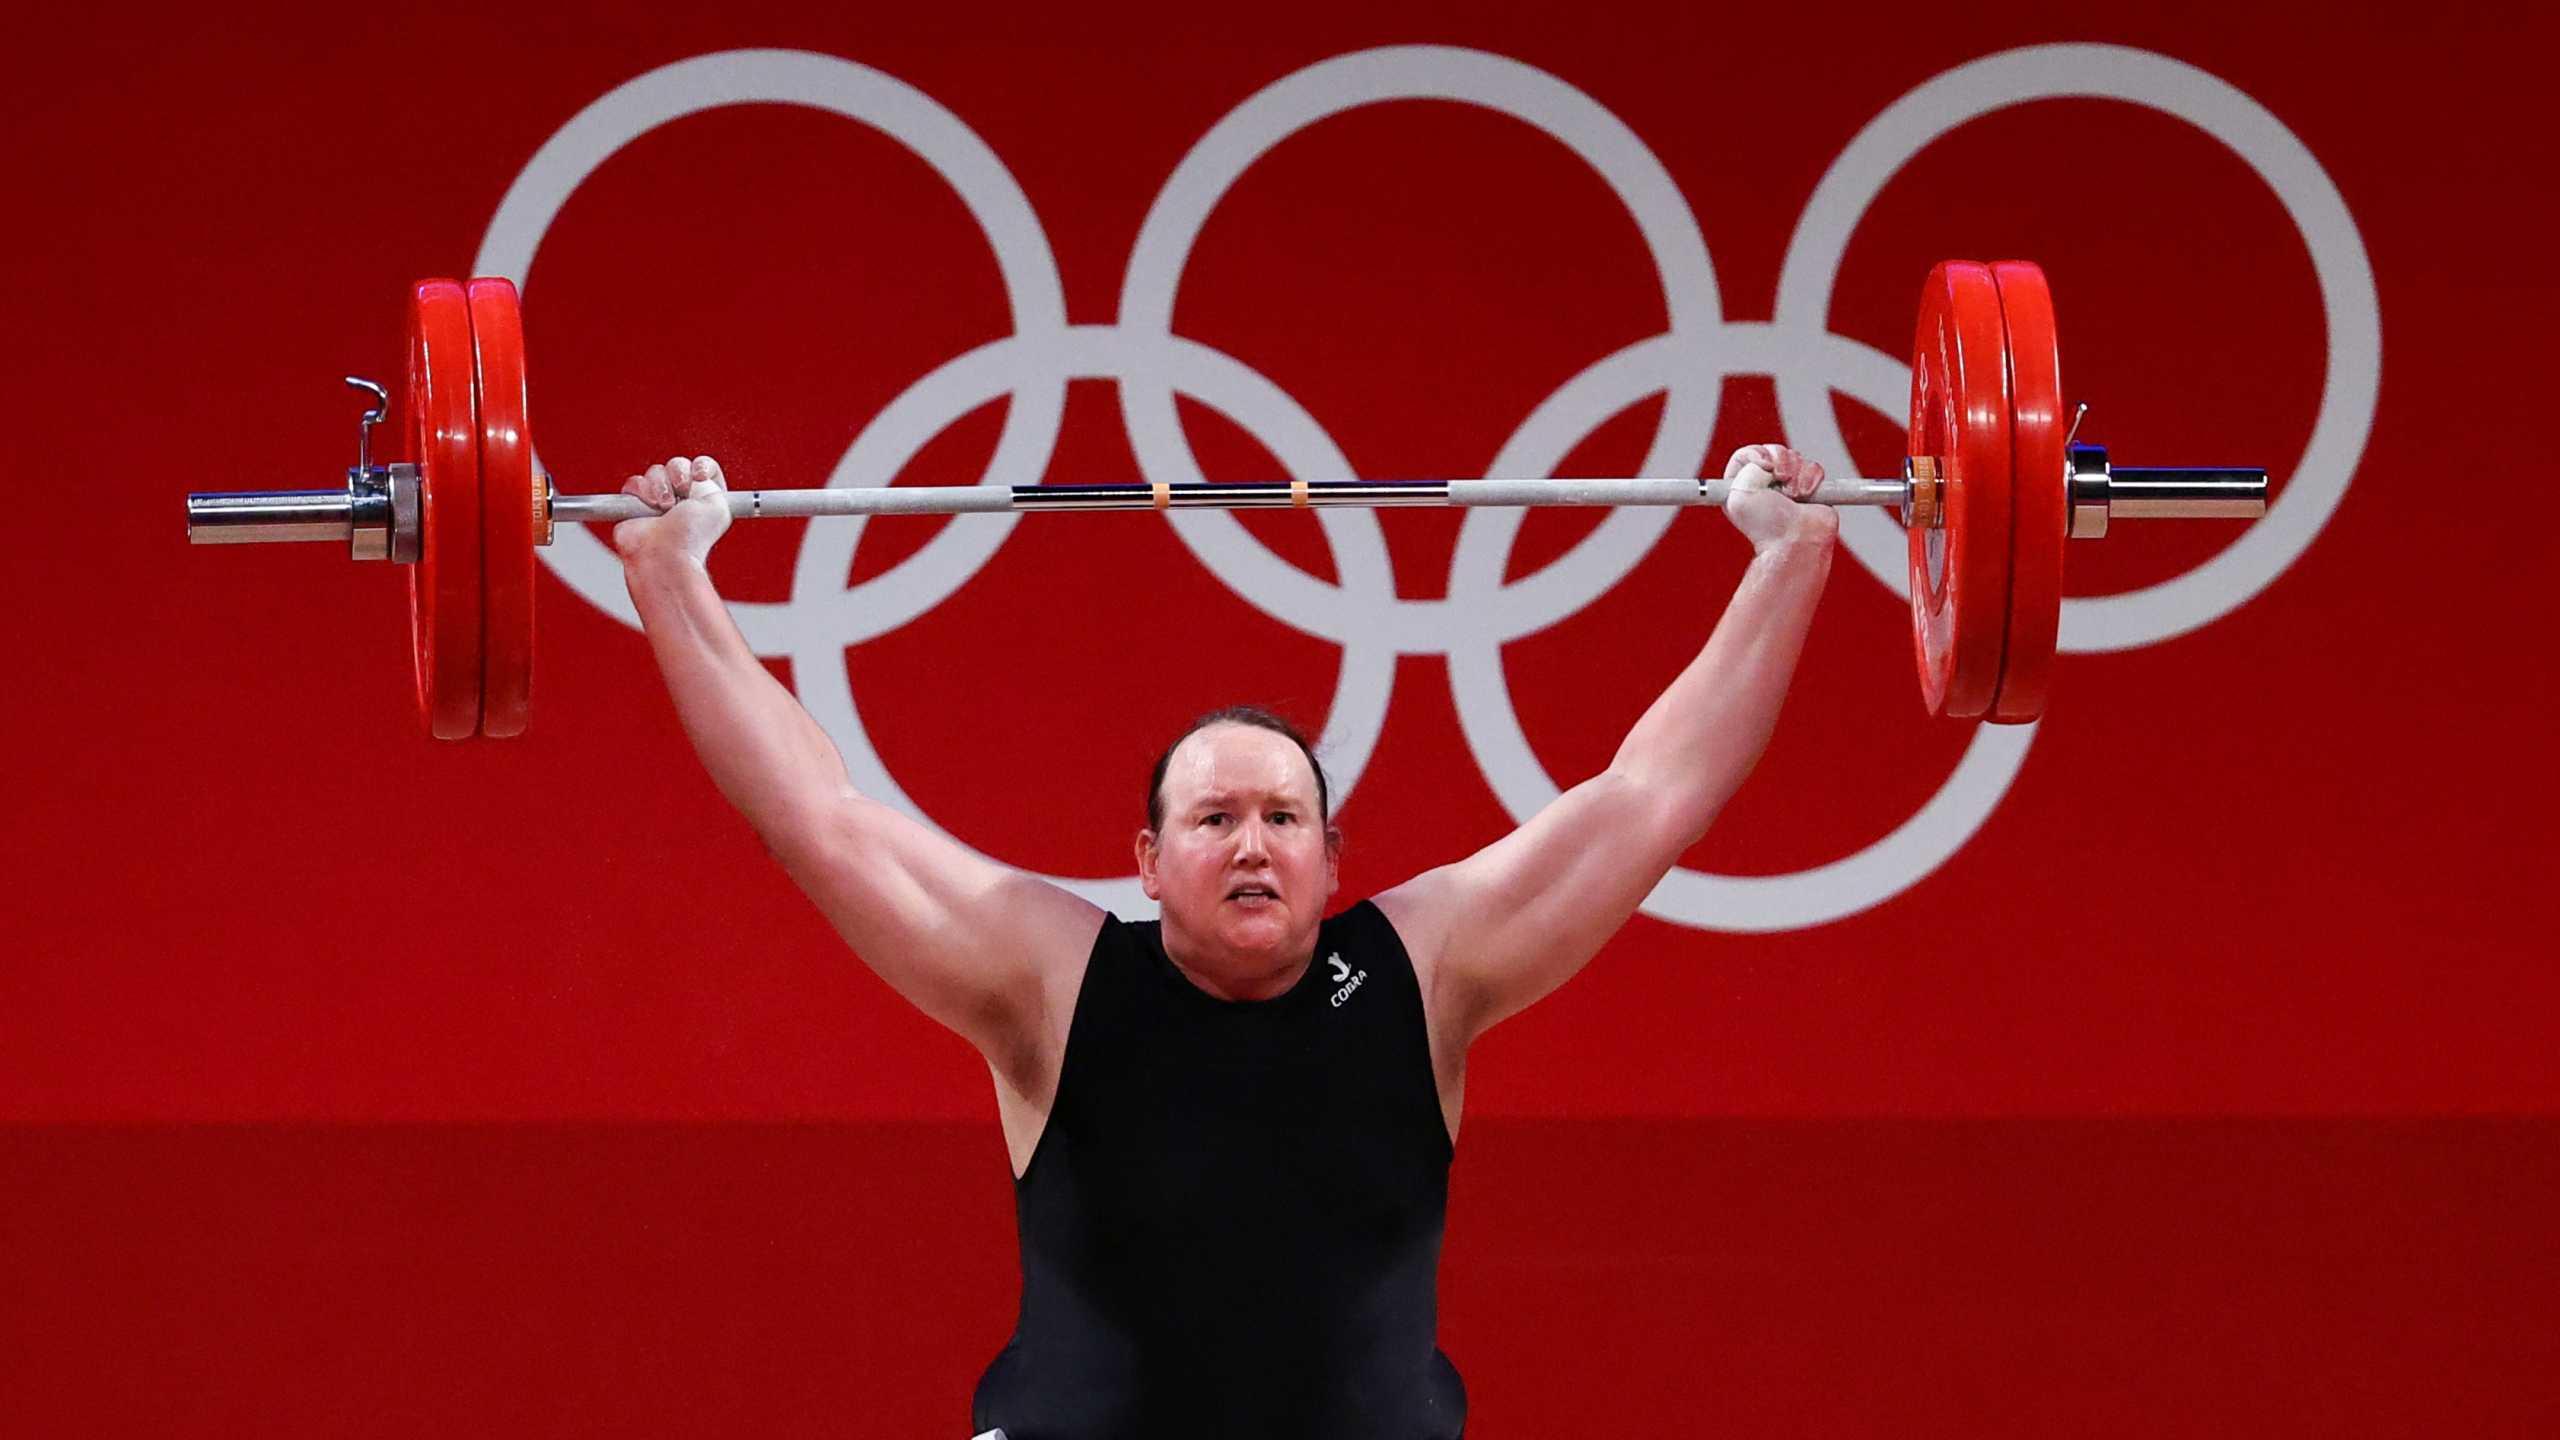 Λόρελ Χάμπαρντ: Η πρώτη τρανς αθλήτρια που άνοιξε το «δρόμο» στους Ολυμπιακούς Αγώνες